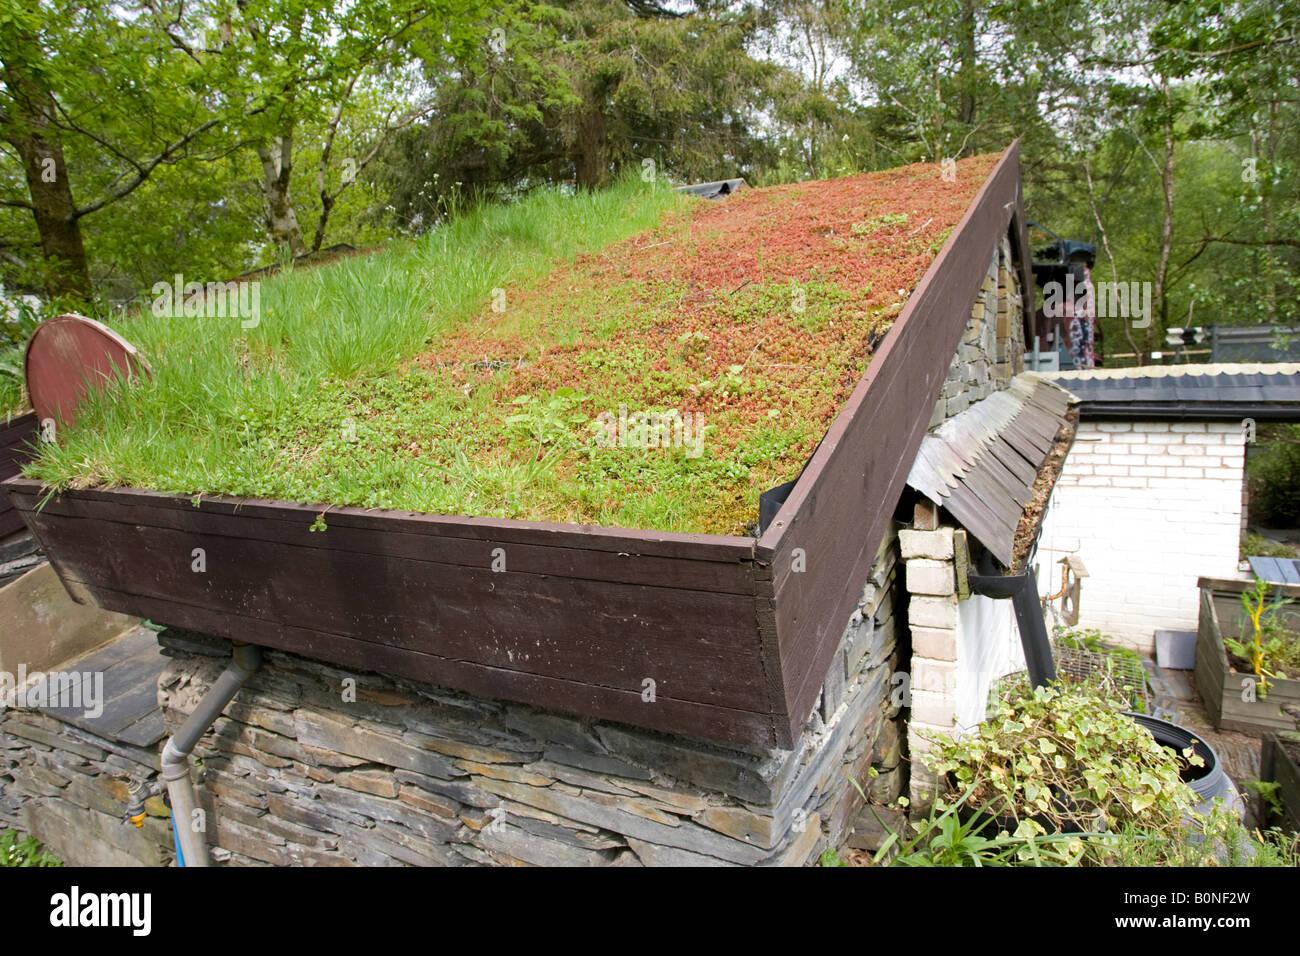 Unglaublich Alternative Zu Rasen Referenz Von Rasen-grasdach Auf Hütte Zentrum Für Technologie Machynlleth